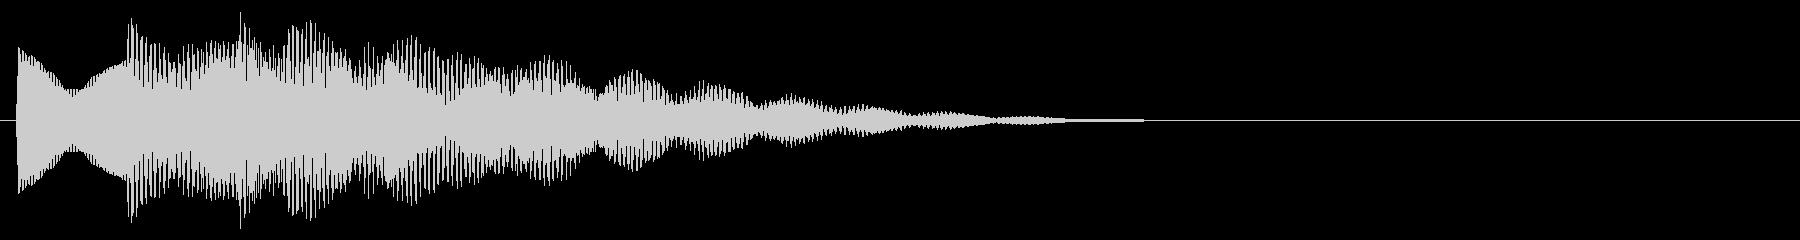 マレット系 決定音11(長三和音)の未再生の波形